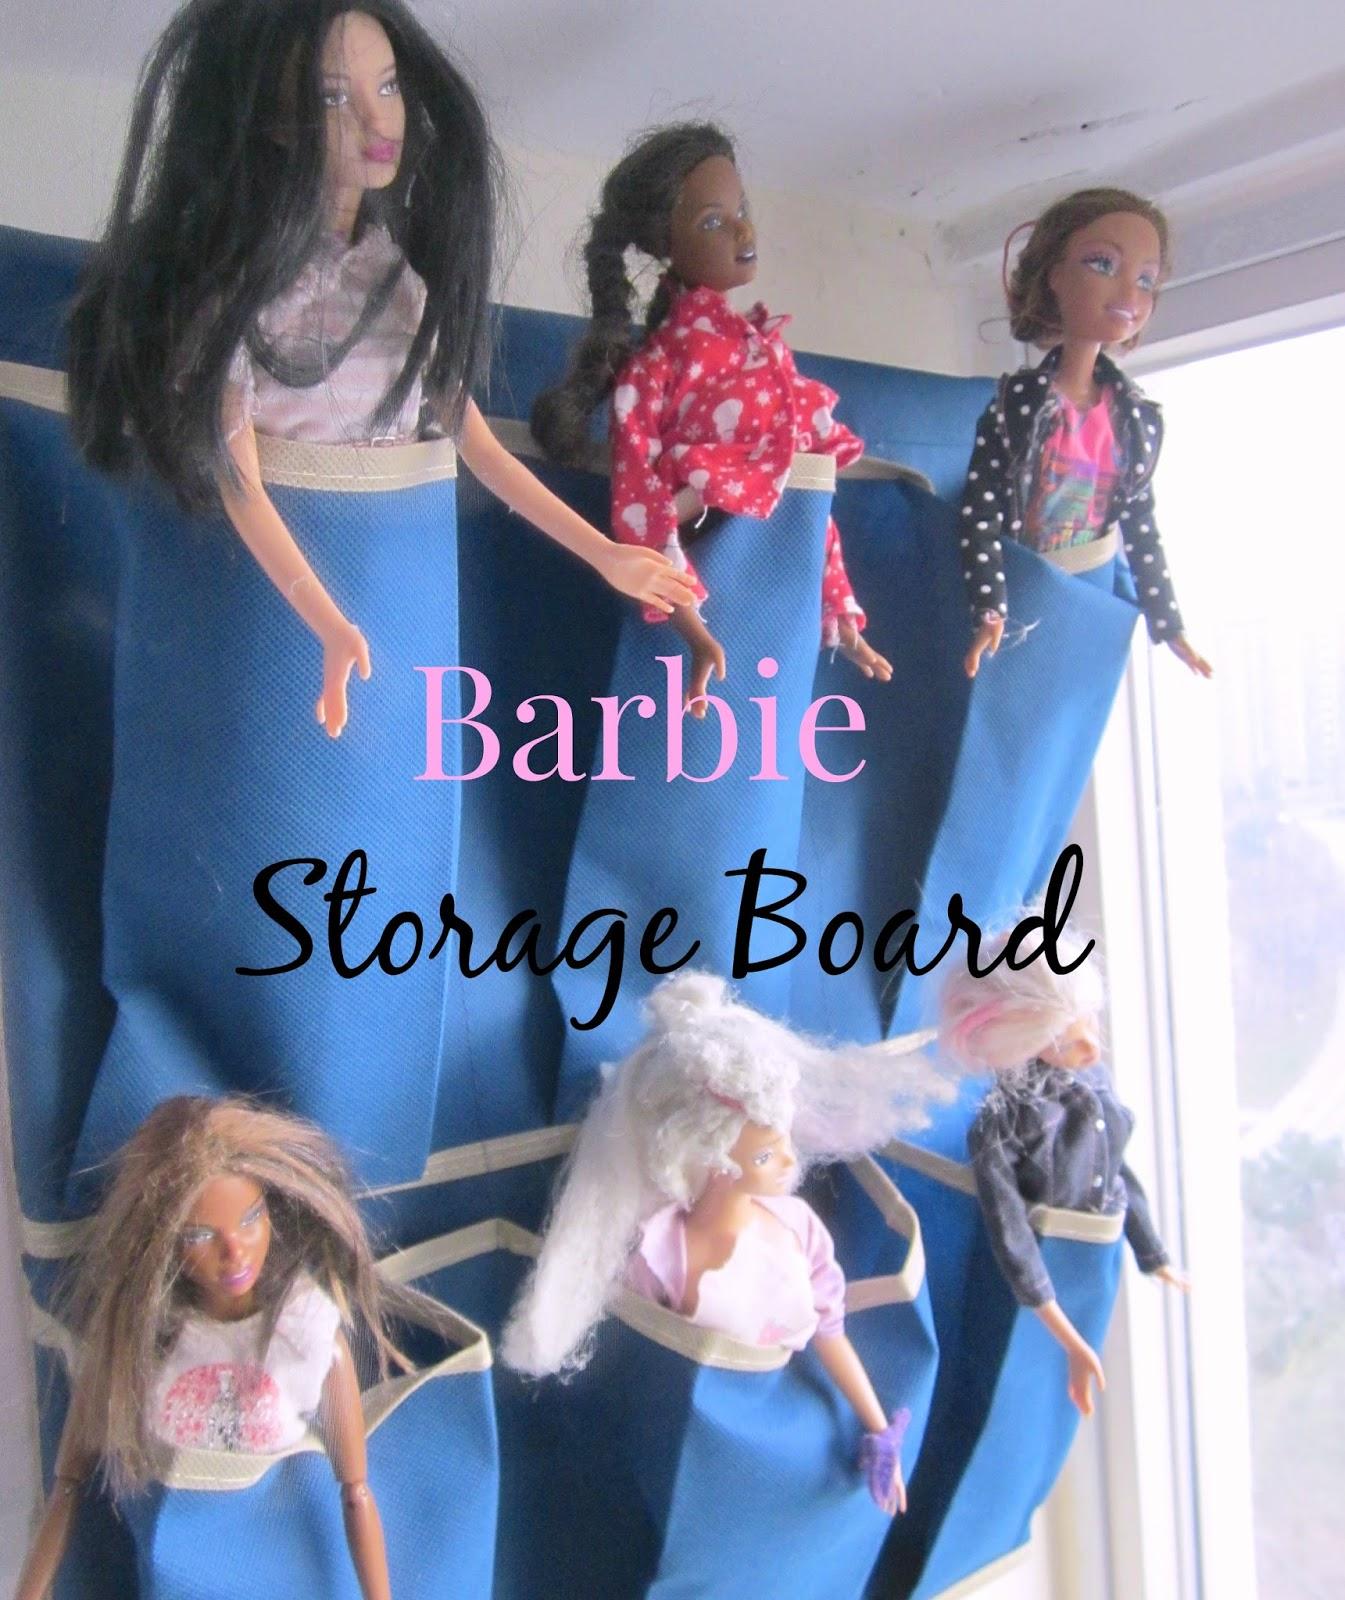 http://3.bp.blogspot.com/-AeKDZdGmkac/VJiiLBBHLkI/AAAAAAAAF1o/X8qxzvibZoE/s1600/Barbie%2BStorage%2B%2B(16).jpg